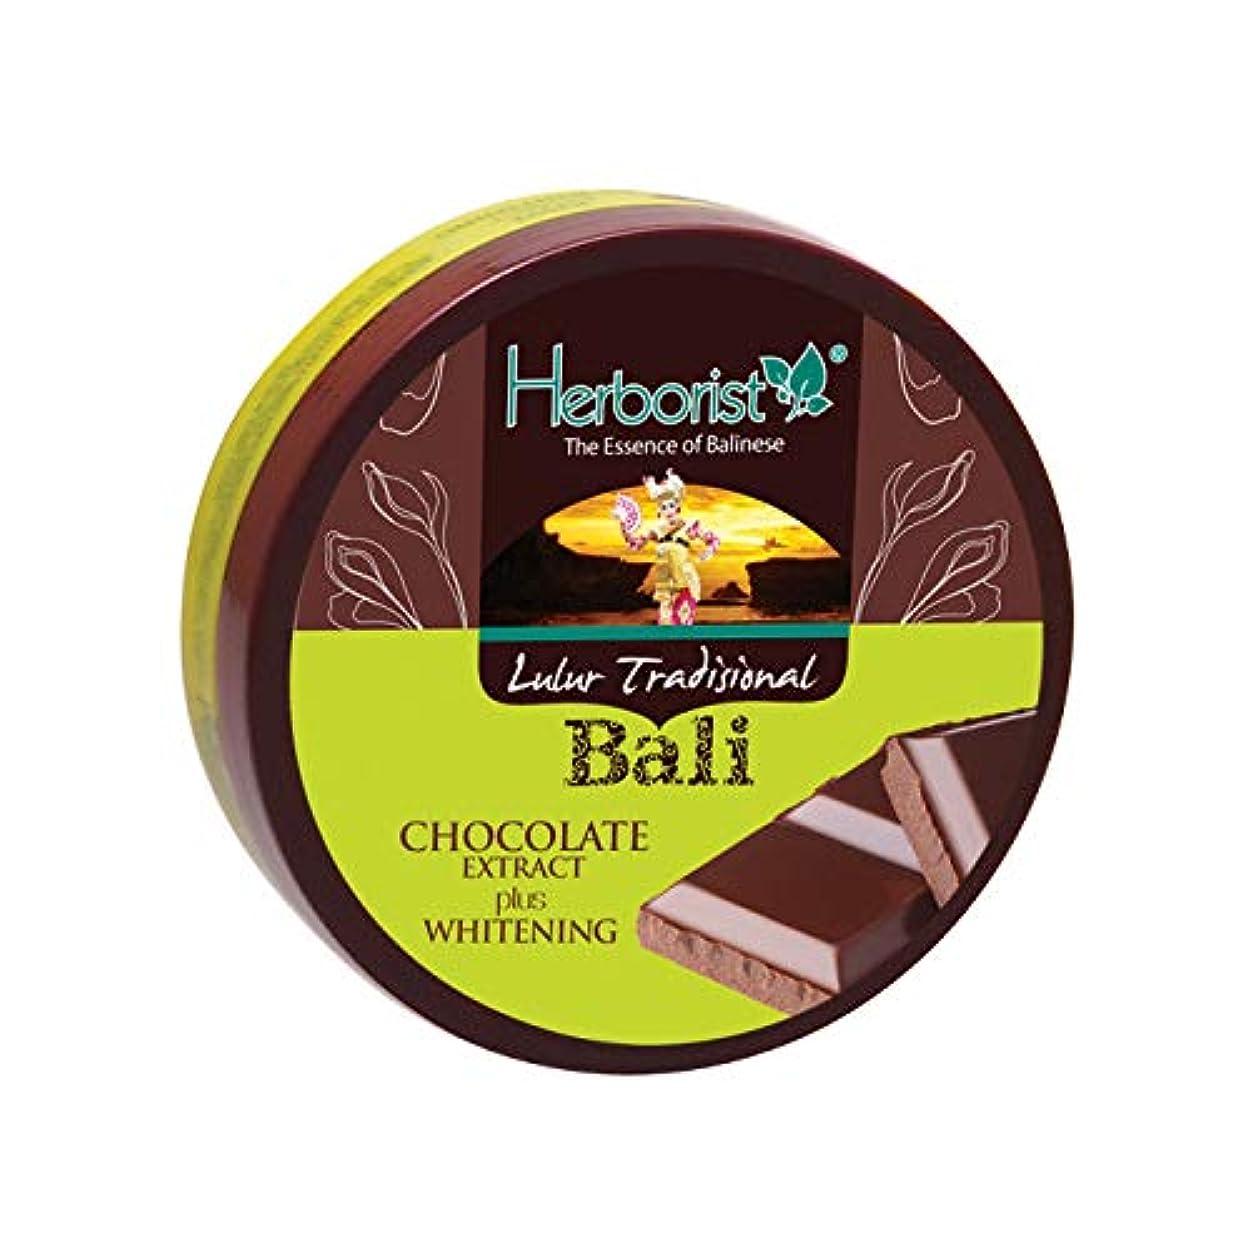 不格好匹敵します人柄Herborist ハーボリスト インドネシアバリ島の伝統的なボディスクラブ Lulur Tradisional Bali ルルールトラディショナルバリ 100g Chocolate チョコレート [海外直送品]